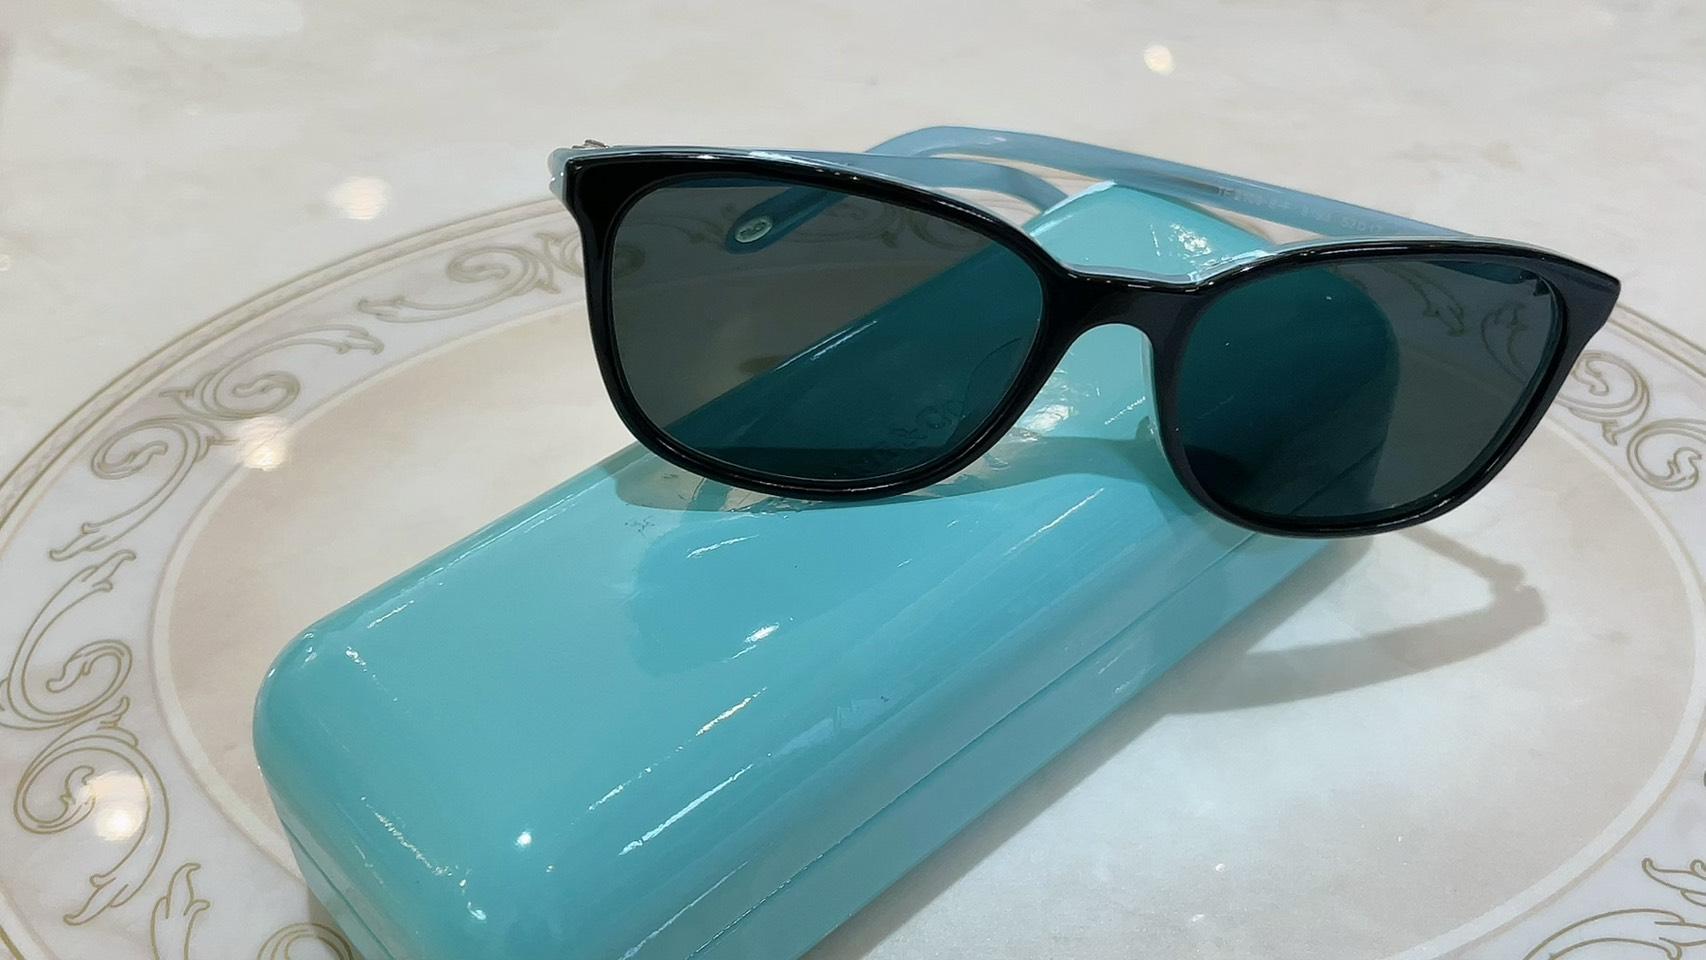 【買取速報】サングラス、Tiffany & Co.-2021-06-10